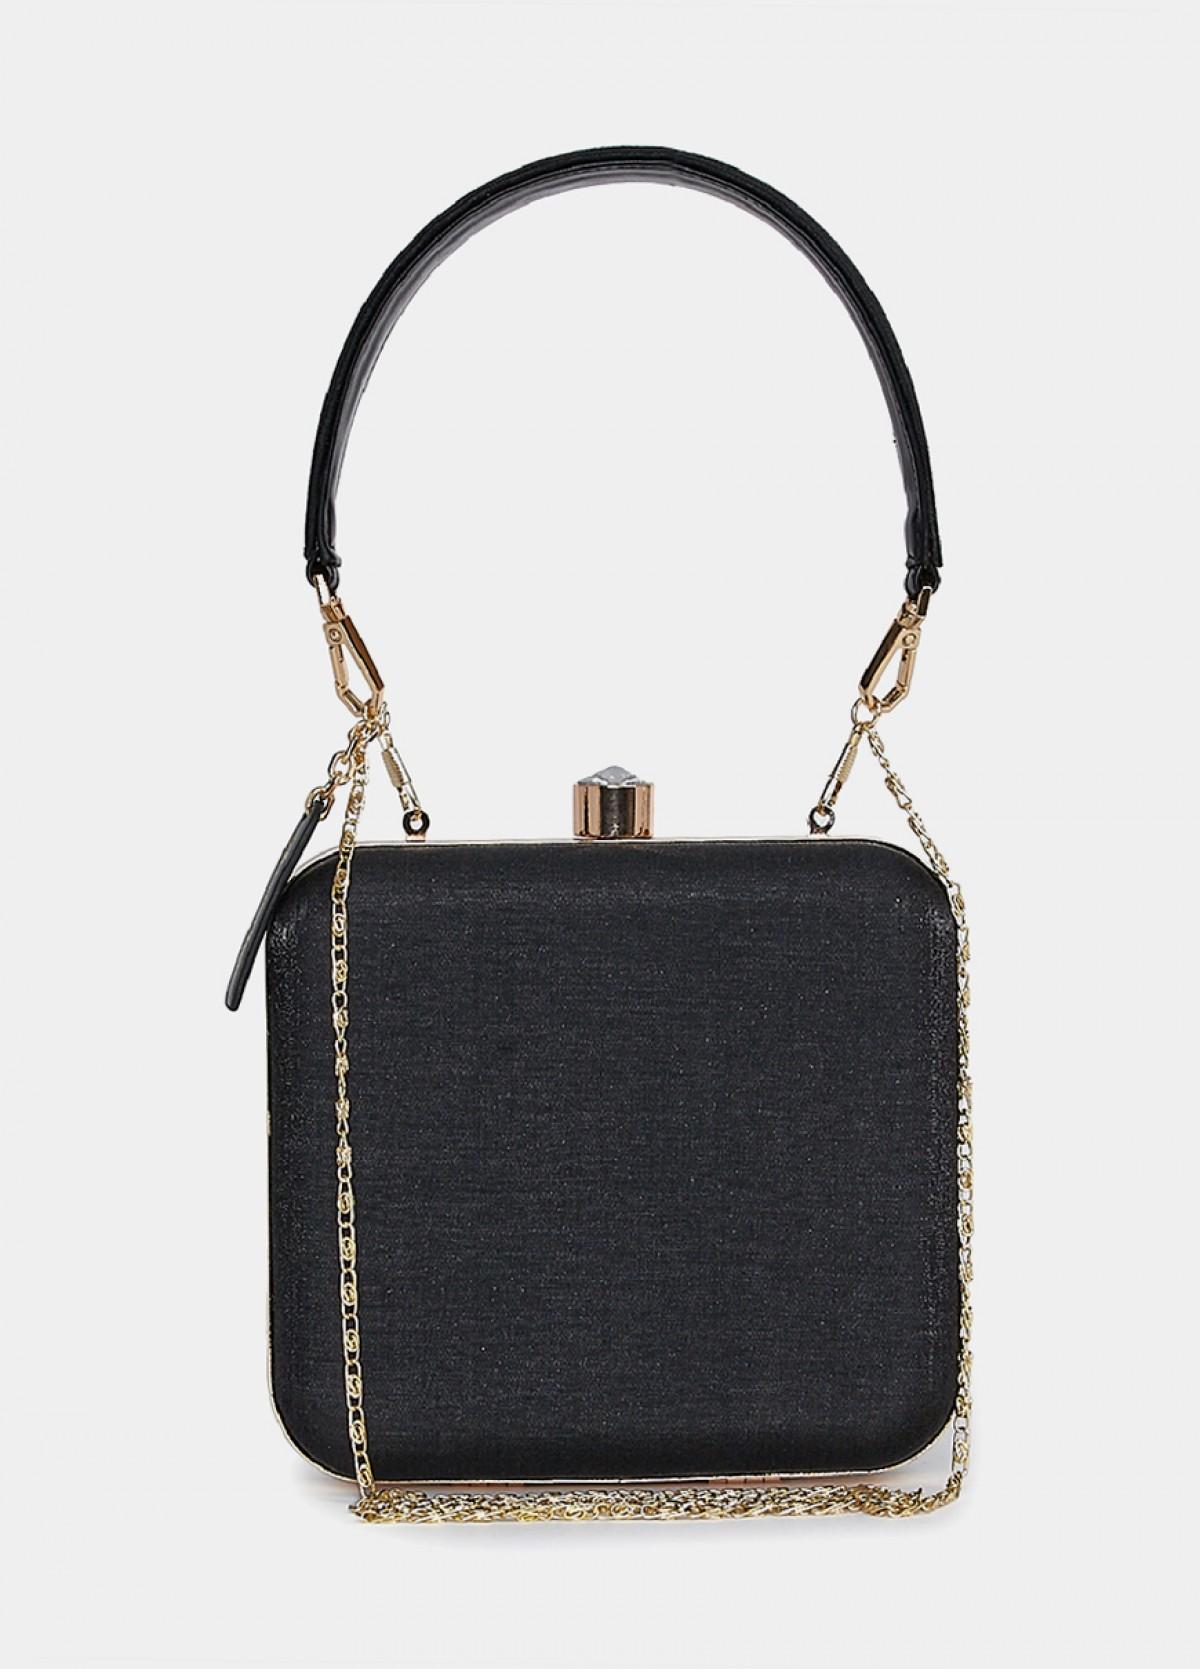 The Black Embellished Clutch